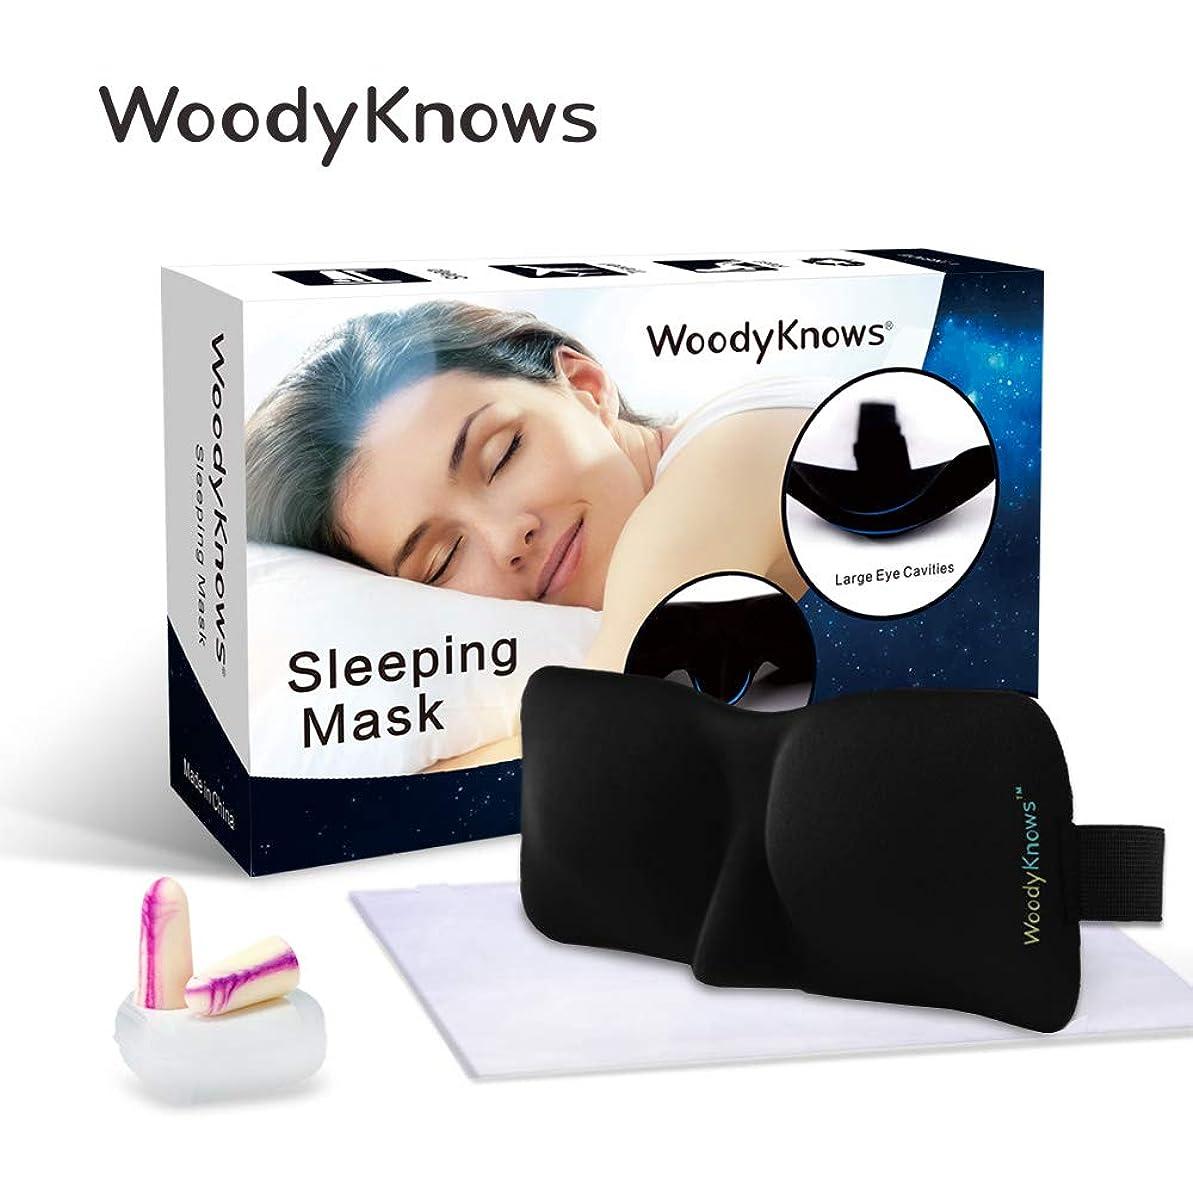 会話型文明桁NOTE 旅行のためのスーパーソフトアイマスク睡眠睡眠おやすみリラクサーアイカバーパッチケースアイシェードブラインド目隠しWoodyknows